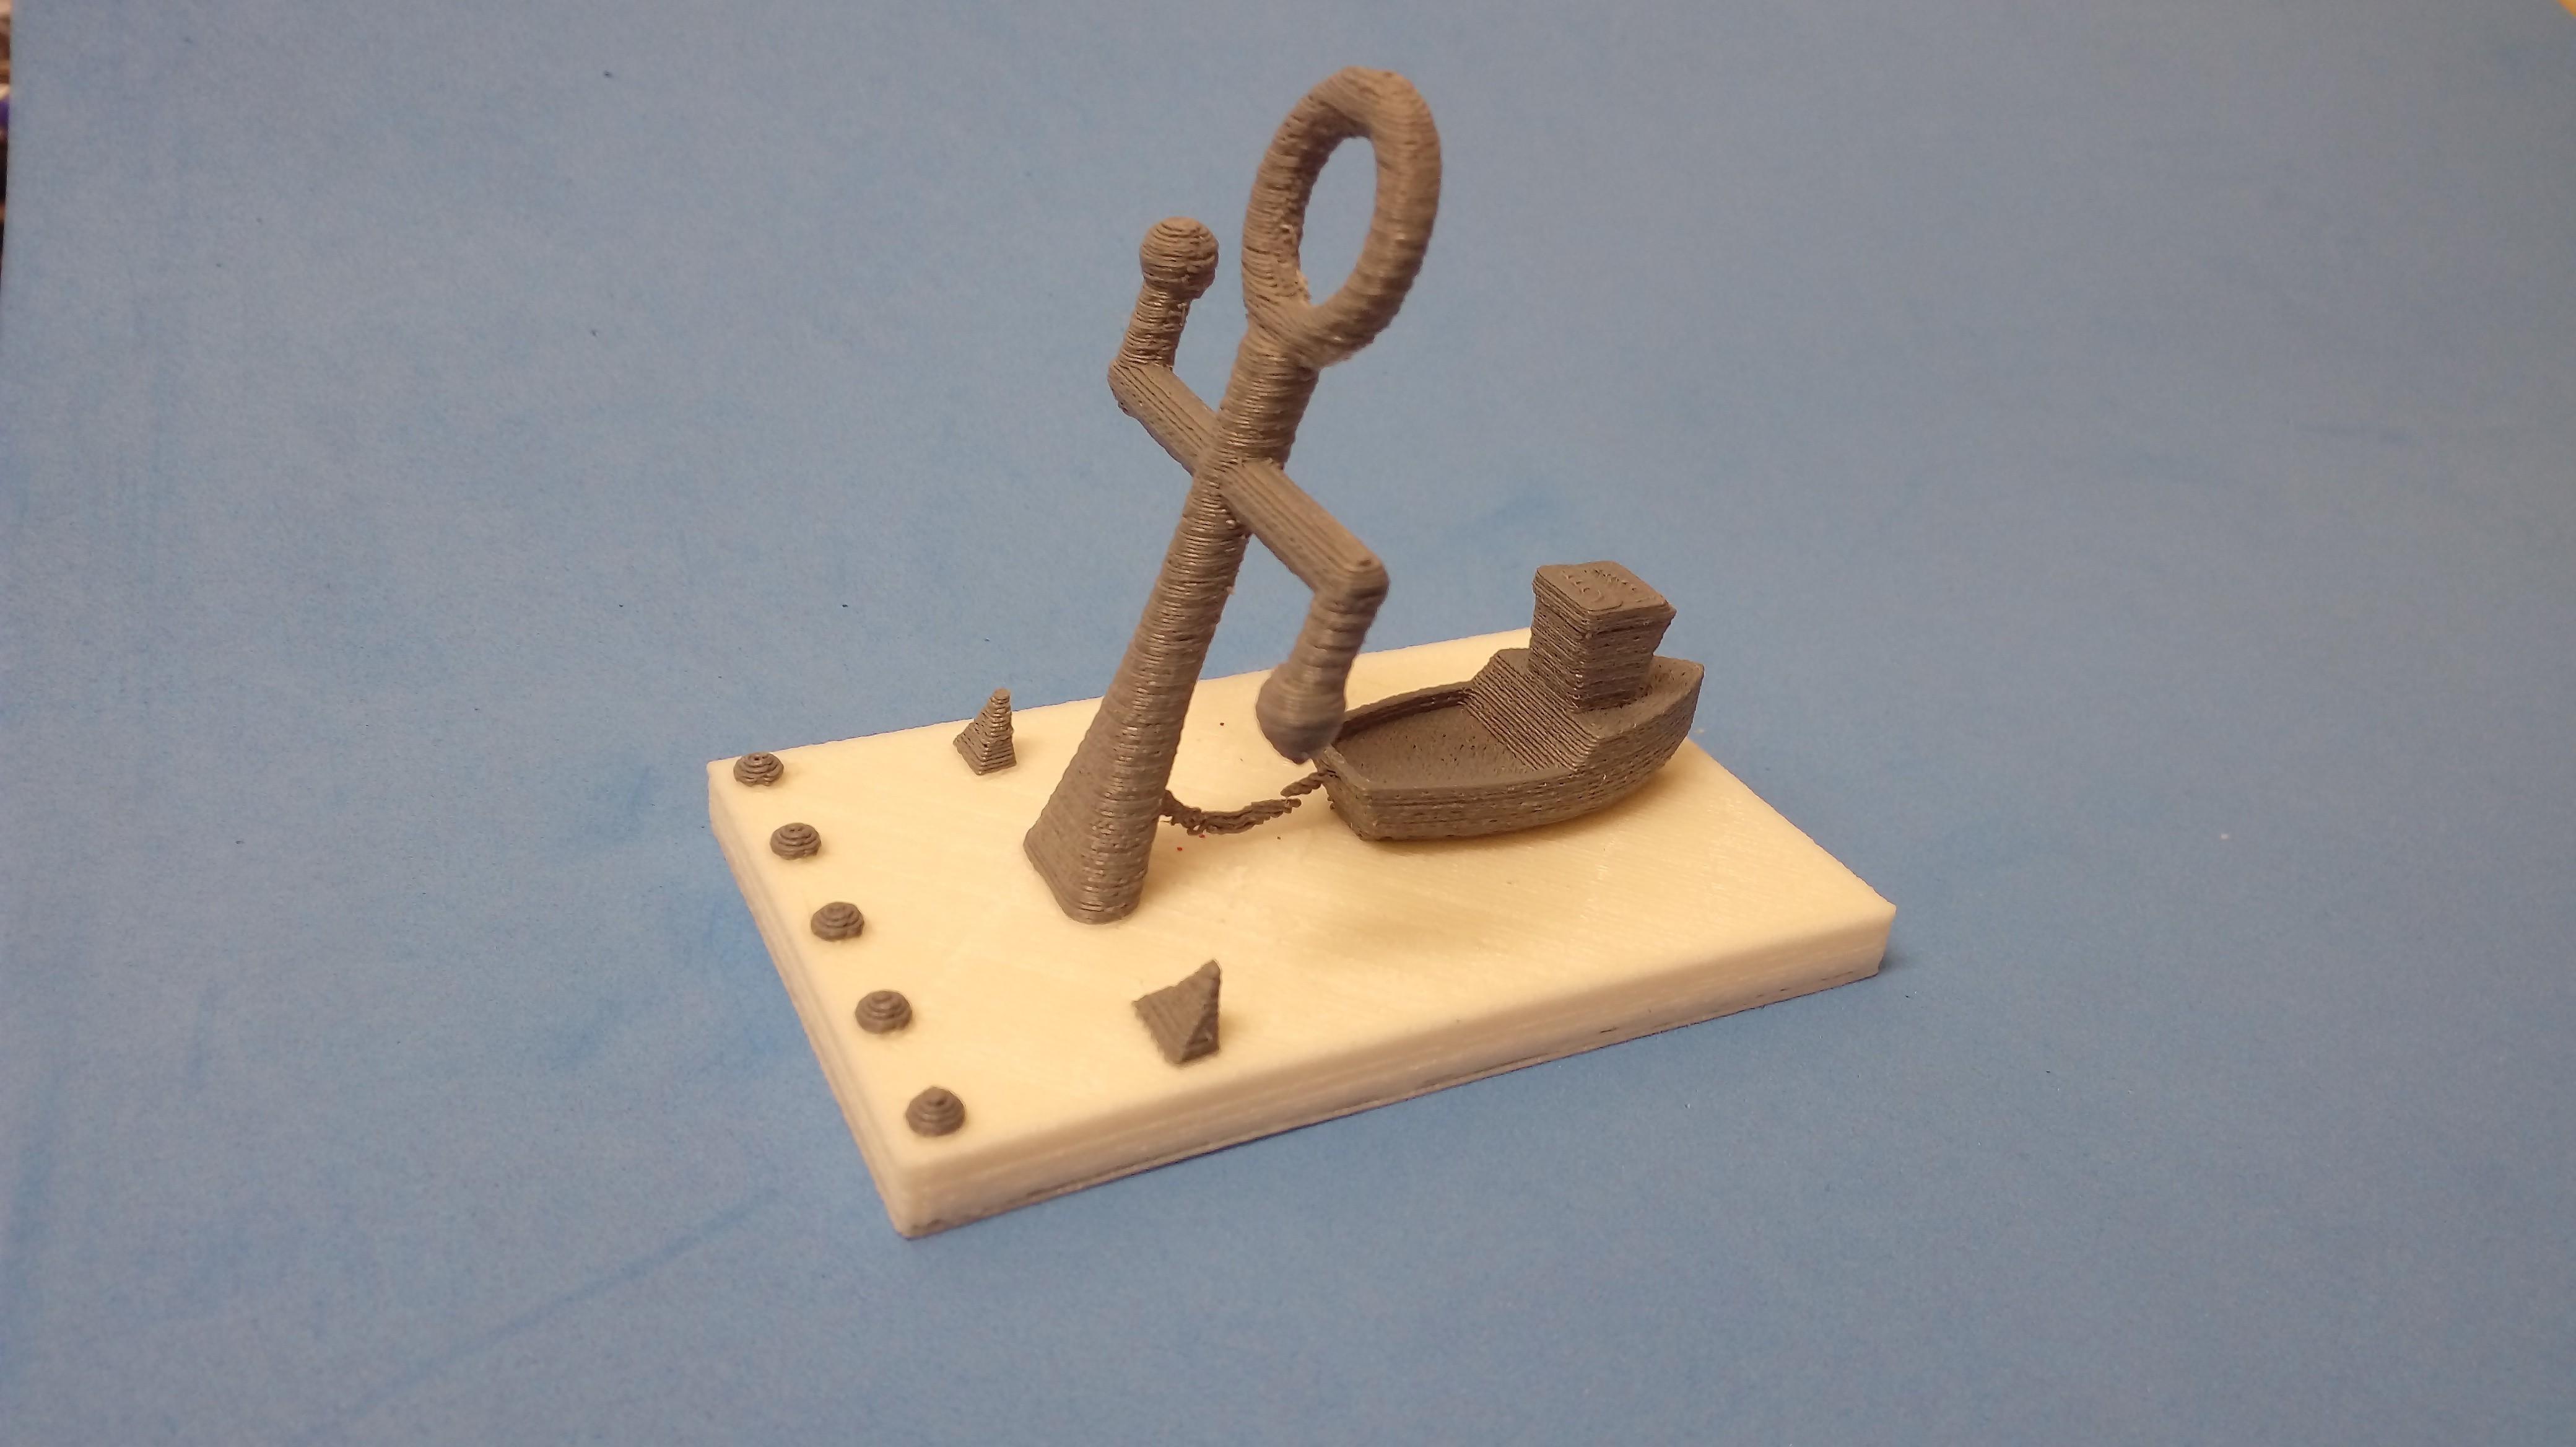 IMG_20170223_223419.jpg Download free STL file Mobile phone cradle • 3D printer model, mitico